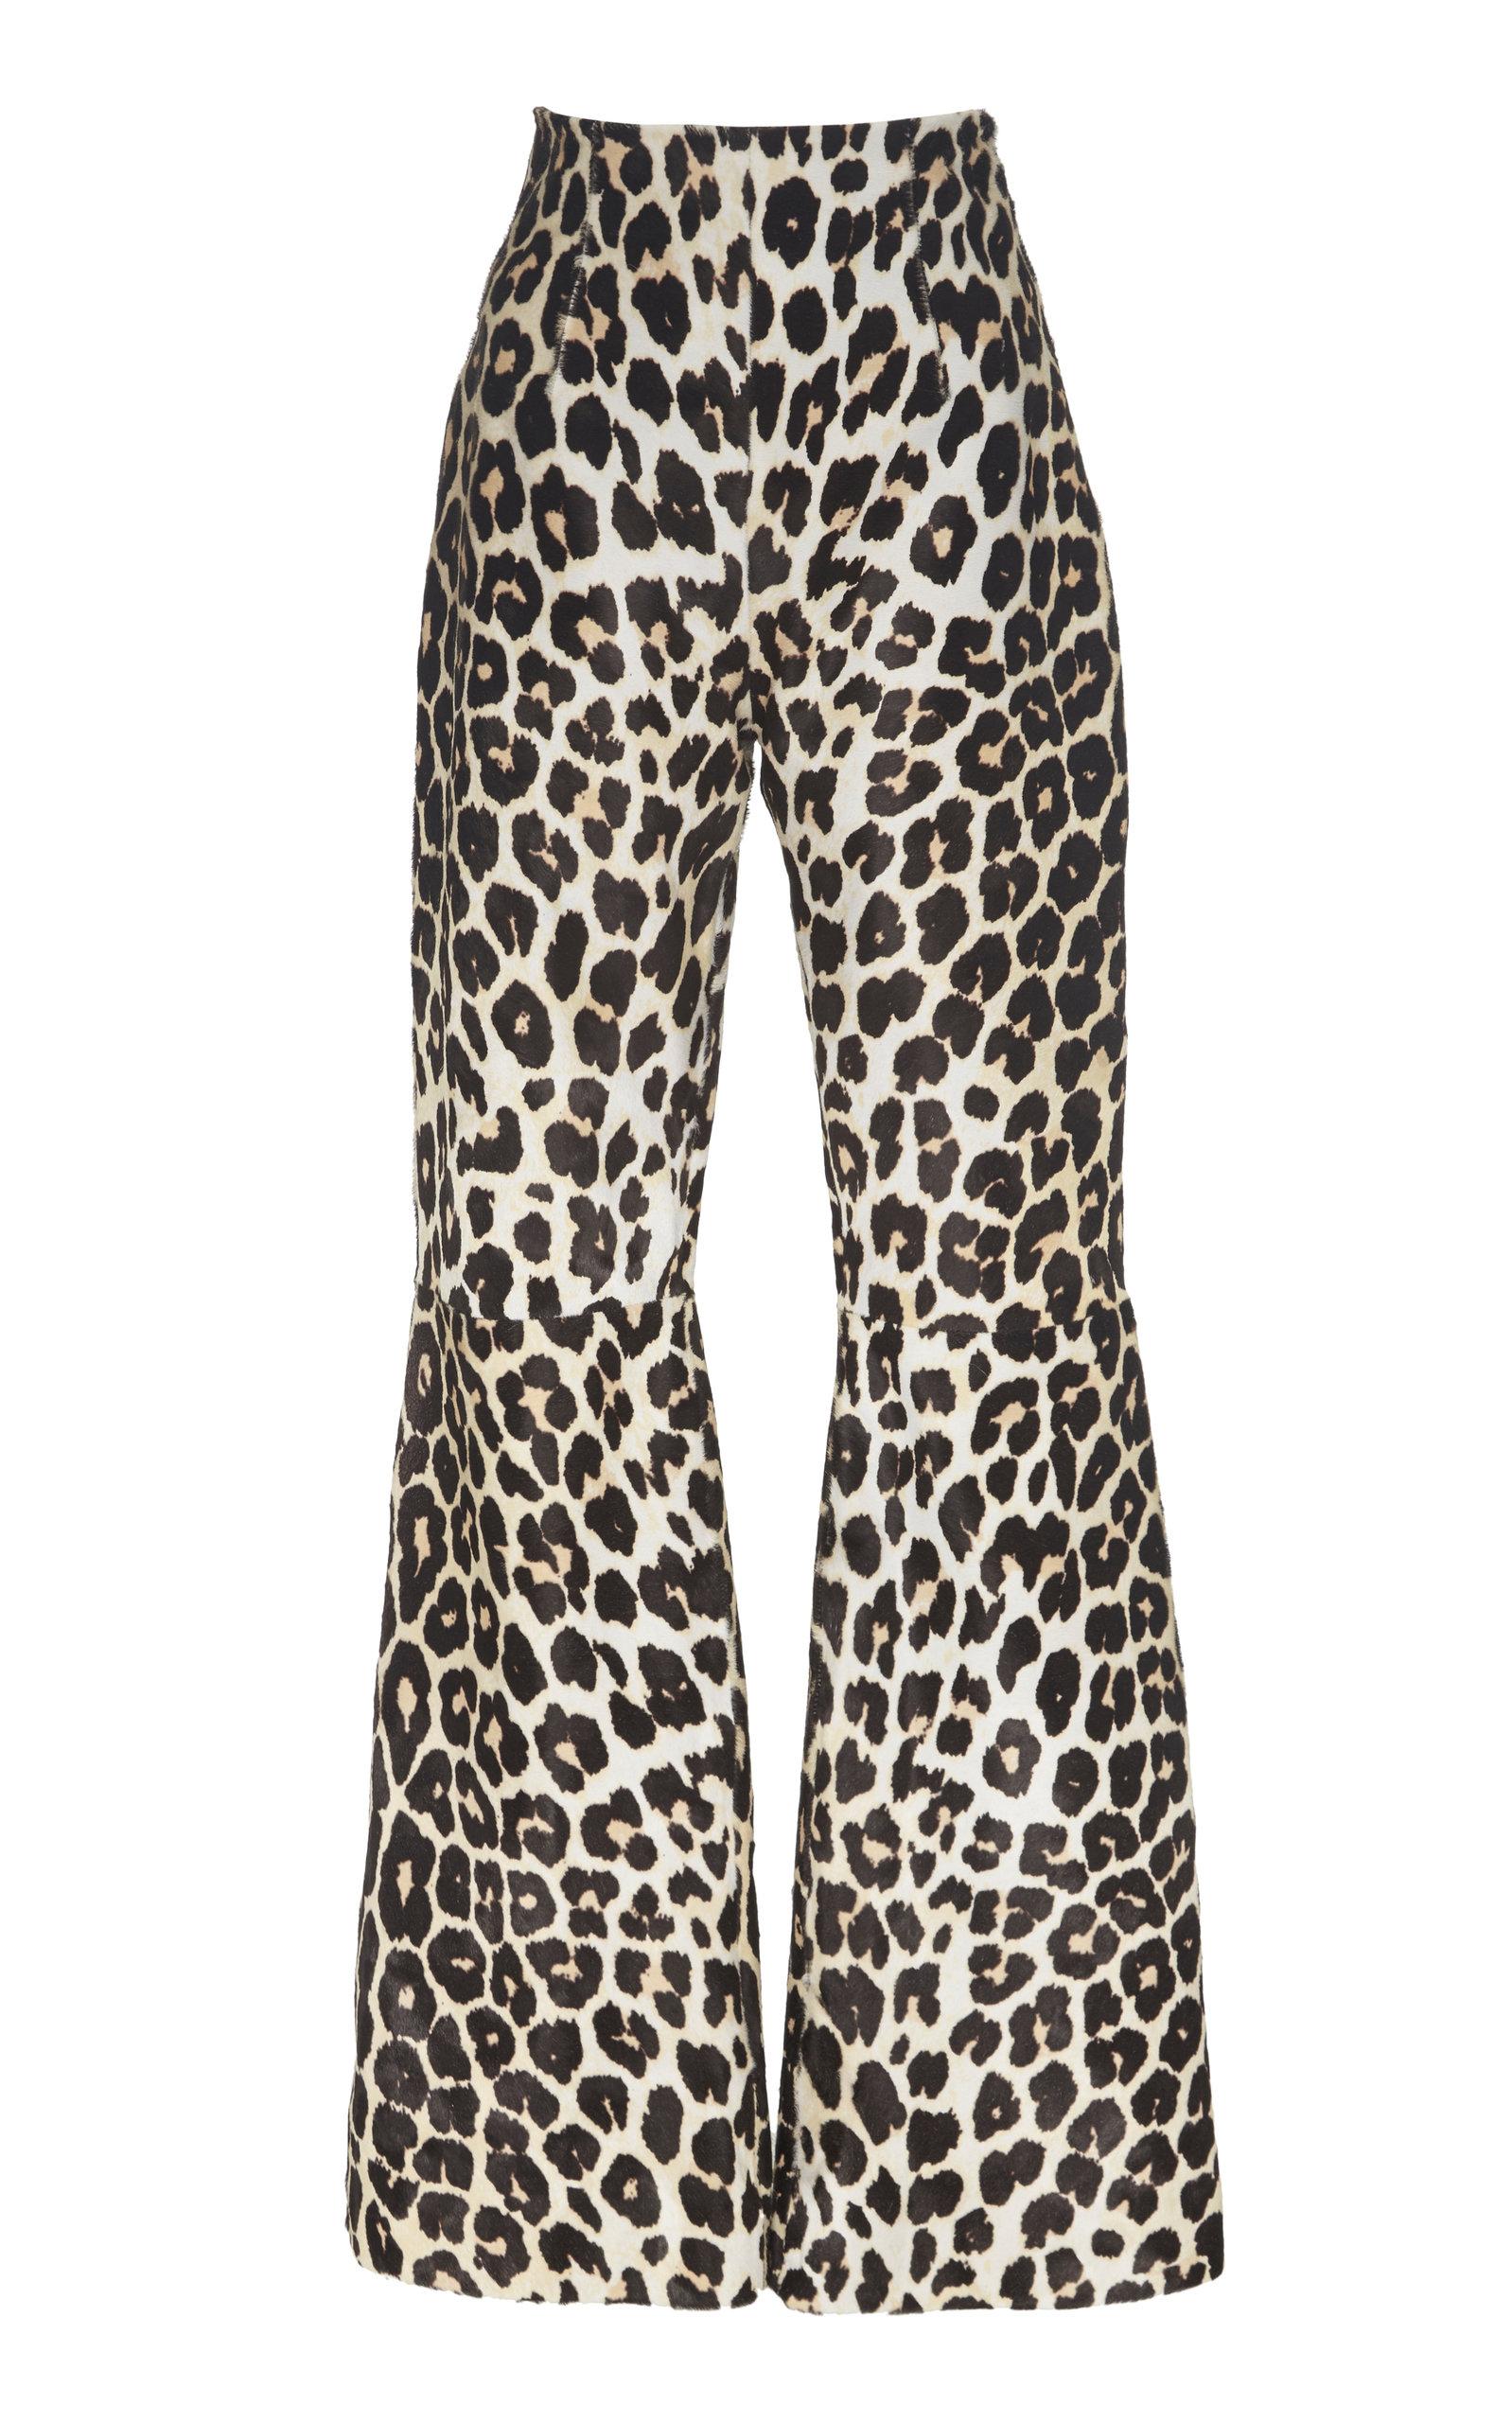 16arlington Pants NEWMAN LEOPARD-PRINT LEATHER WIDE-LEG PANTS